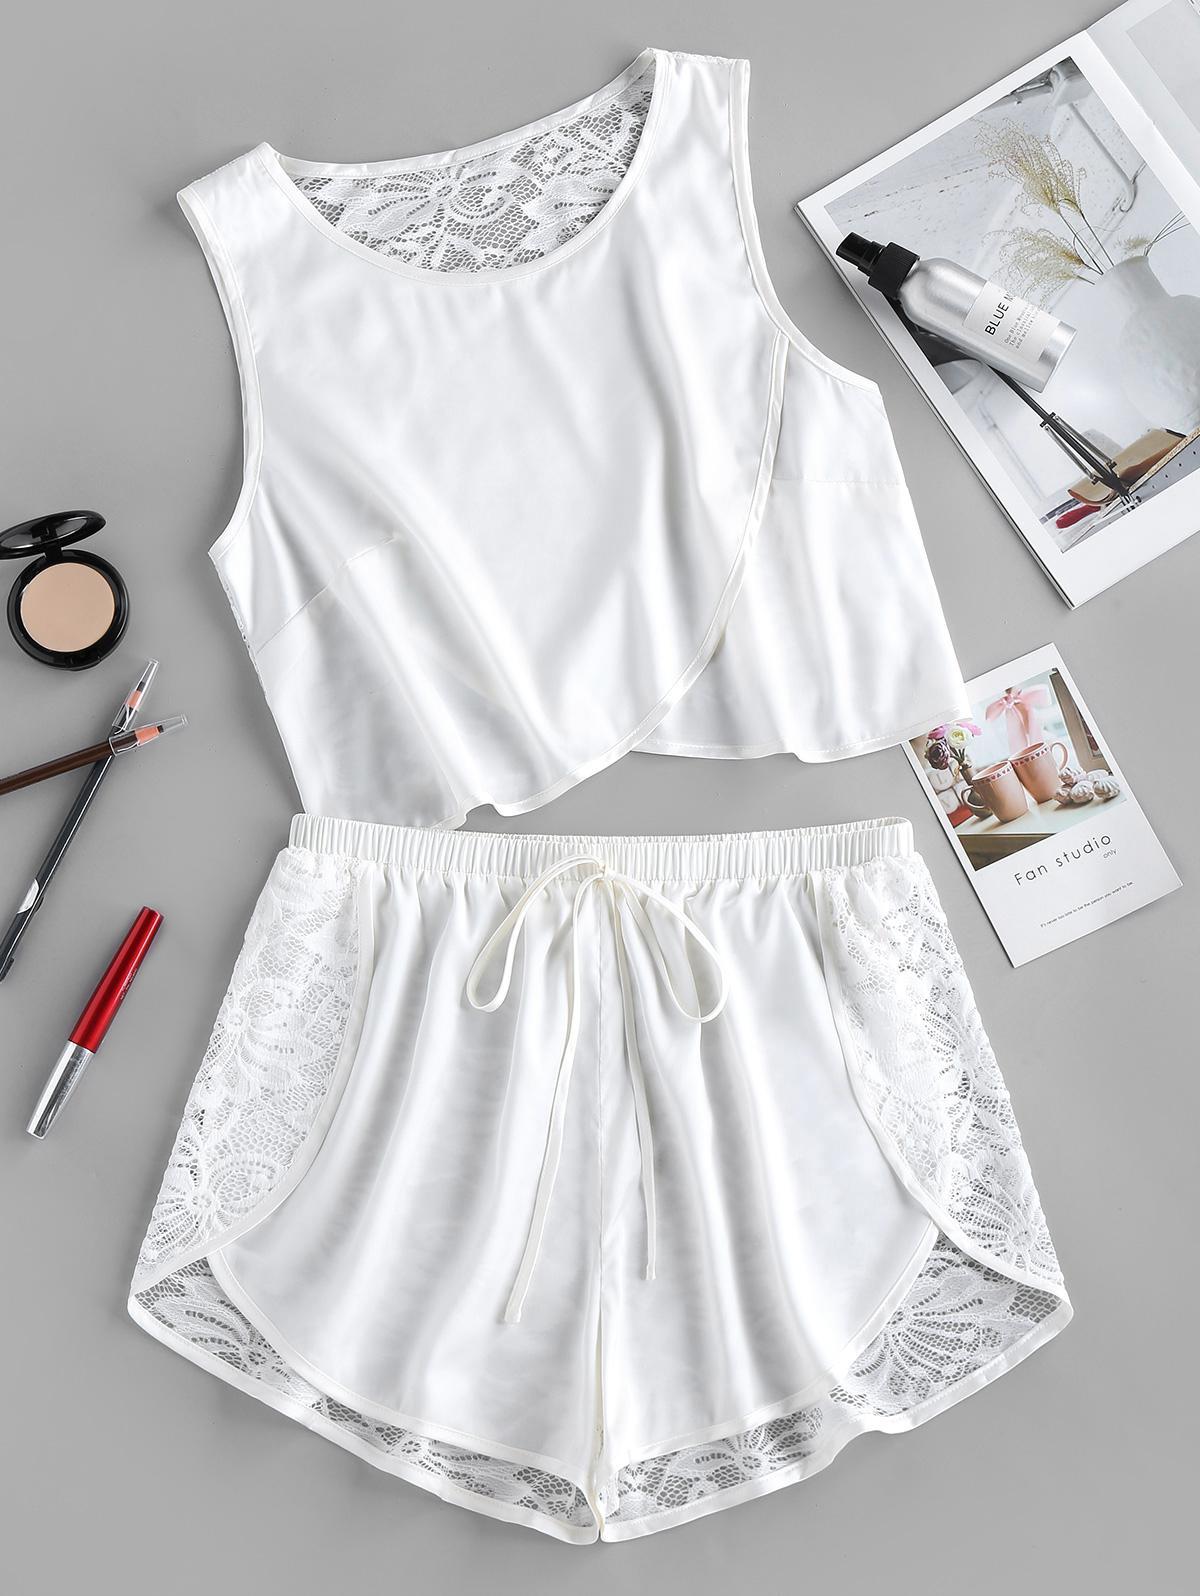 ZAFUL Lace Insert Shorts Pajama Set